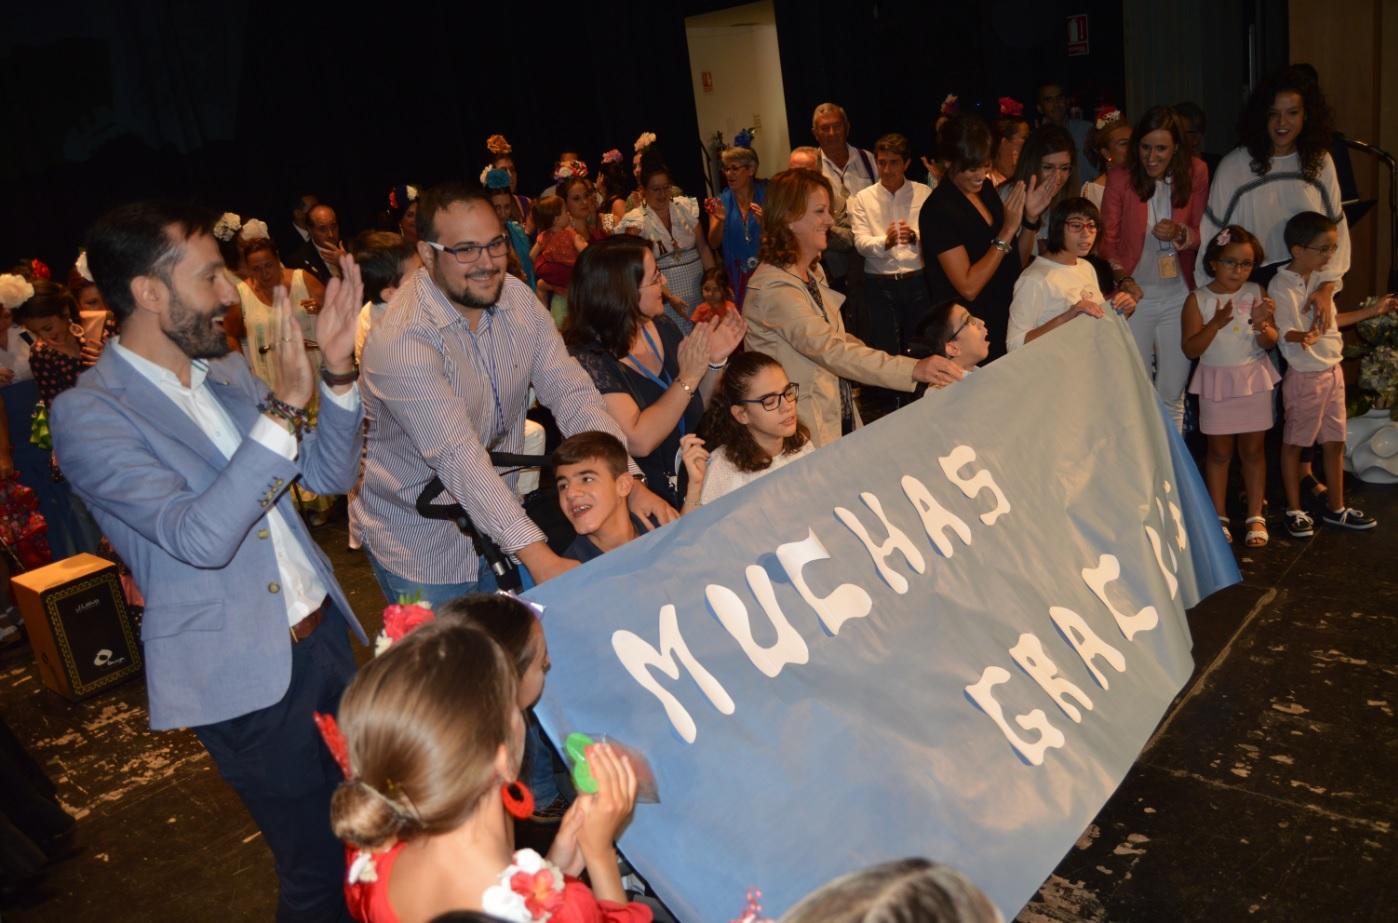 Ninos y niñas de Aspace Jaén portando un gran cartel agradeciendo la participación de todos los grupos.